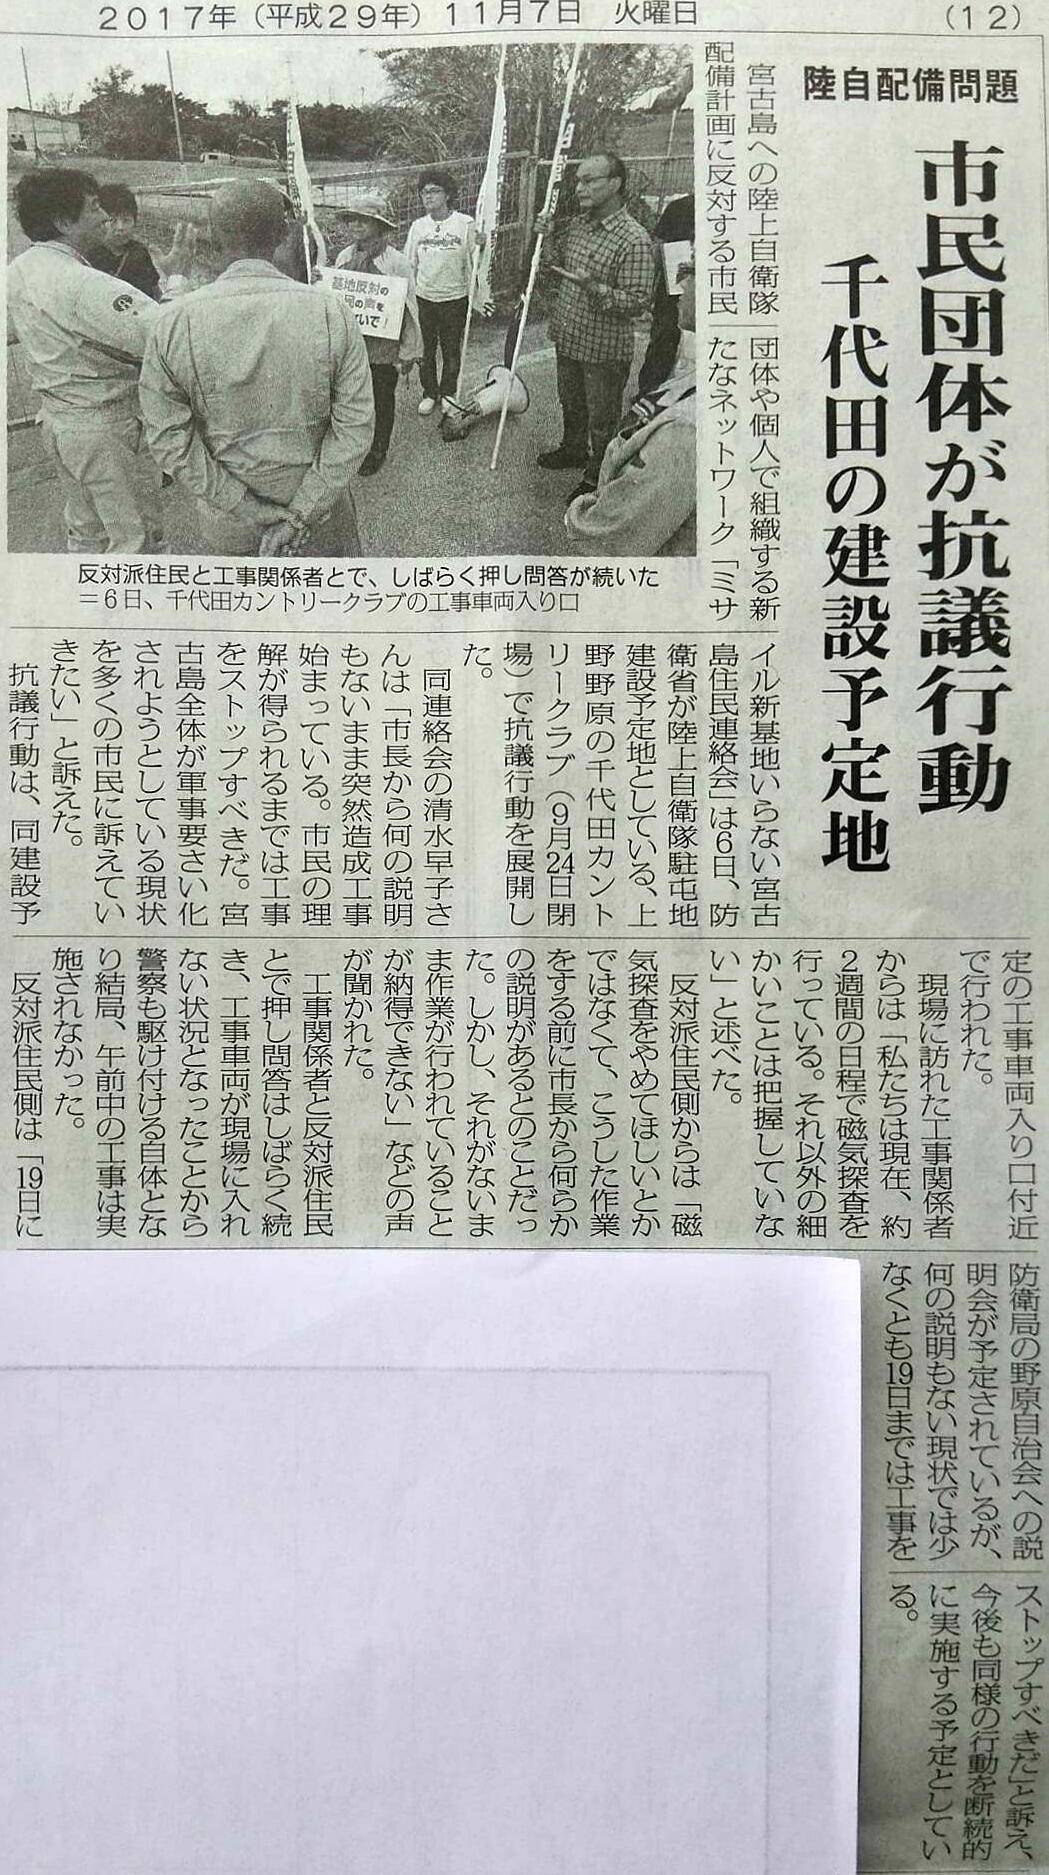 miyakomainichi2017 11073_0000